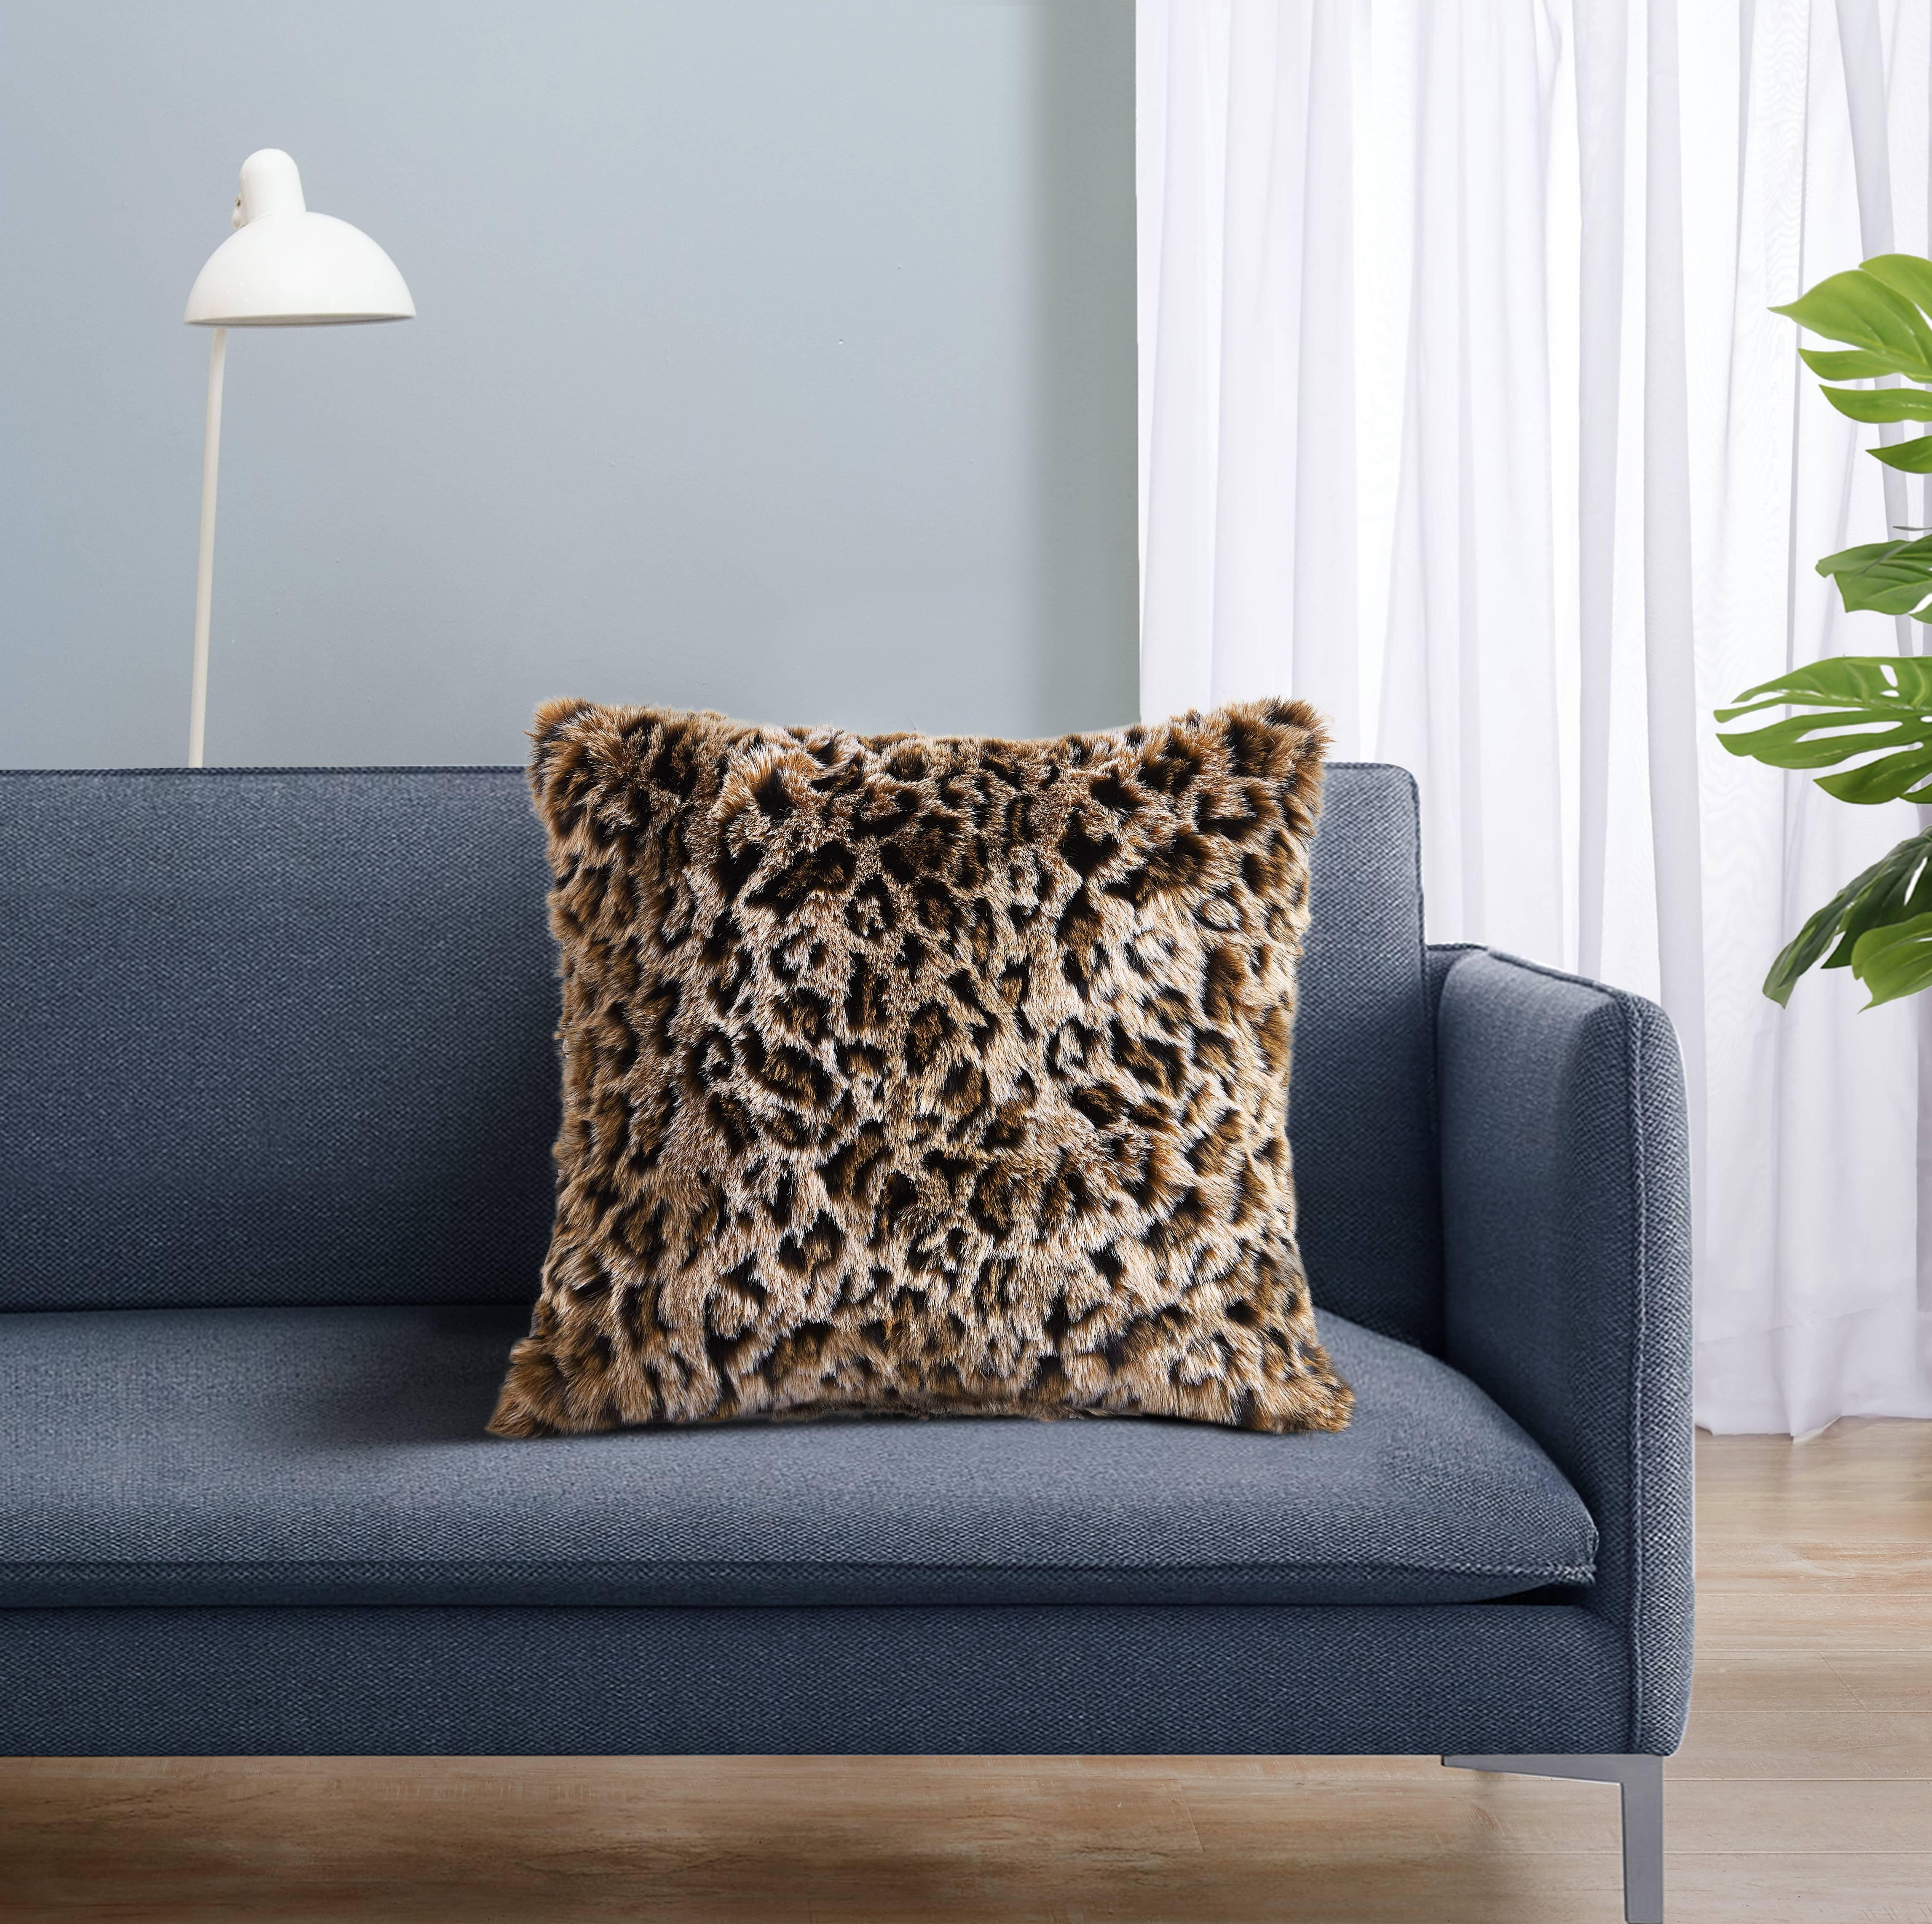 Mainstays Leopard Faux Fur Decorative Pillow